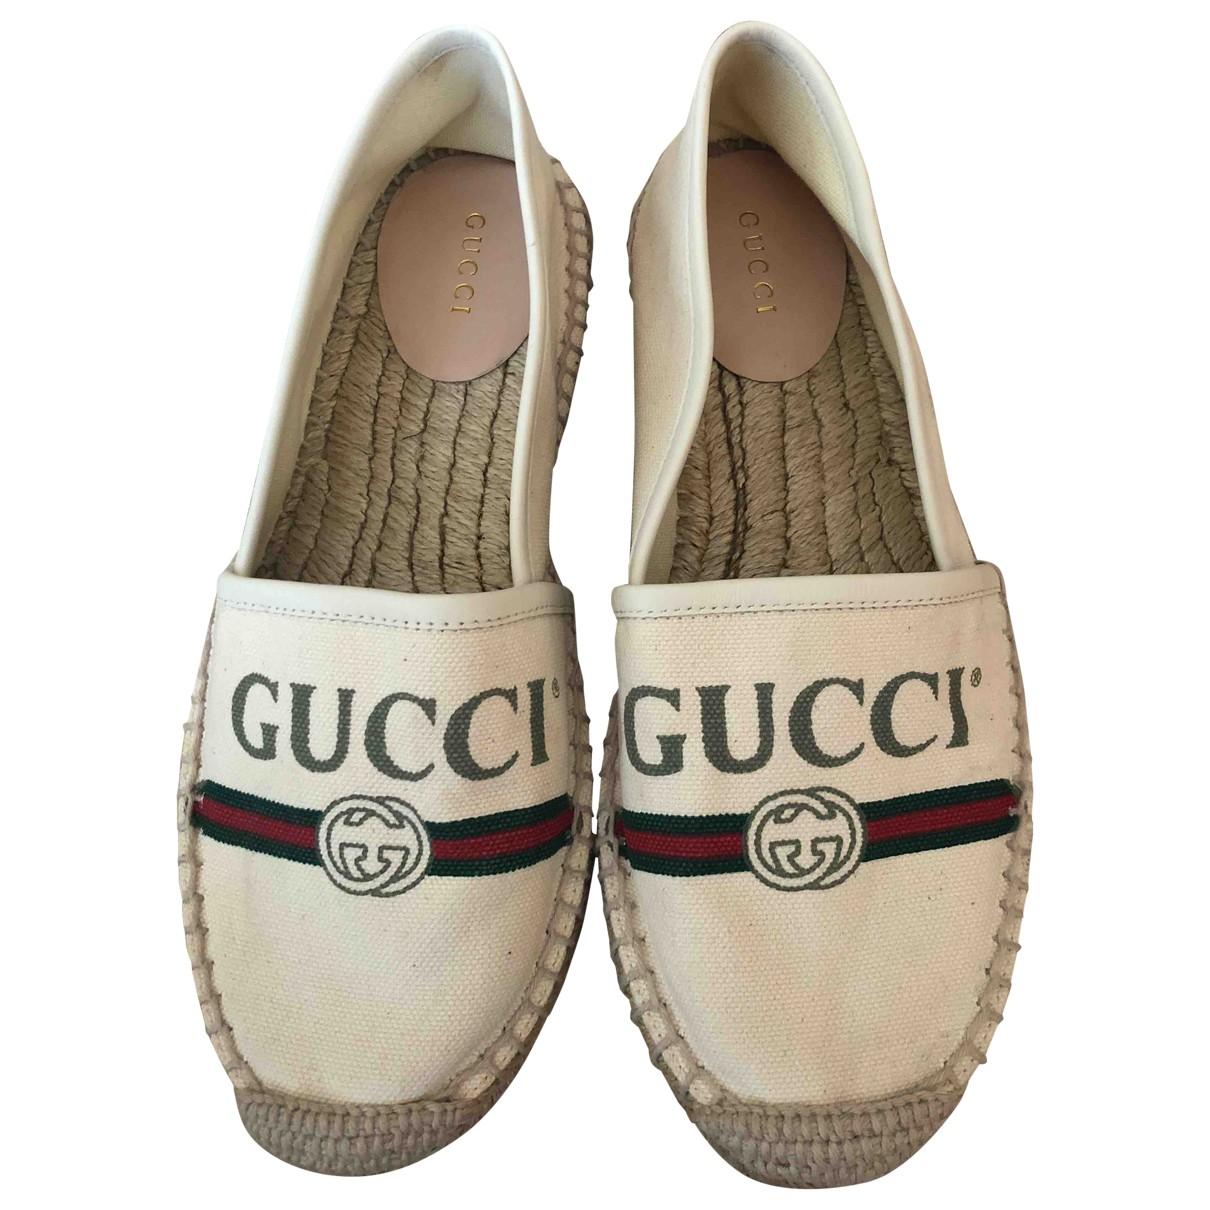 Gucci - Espadrilles   pour femme en toile - beige